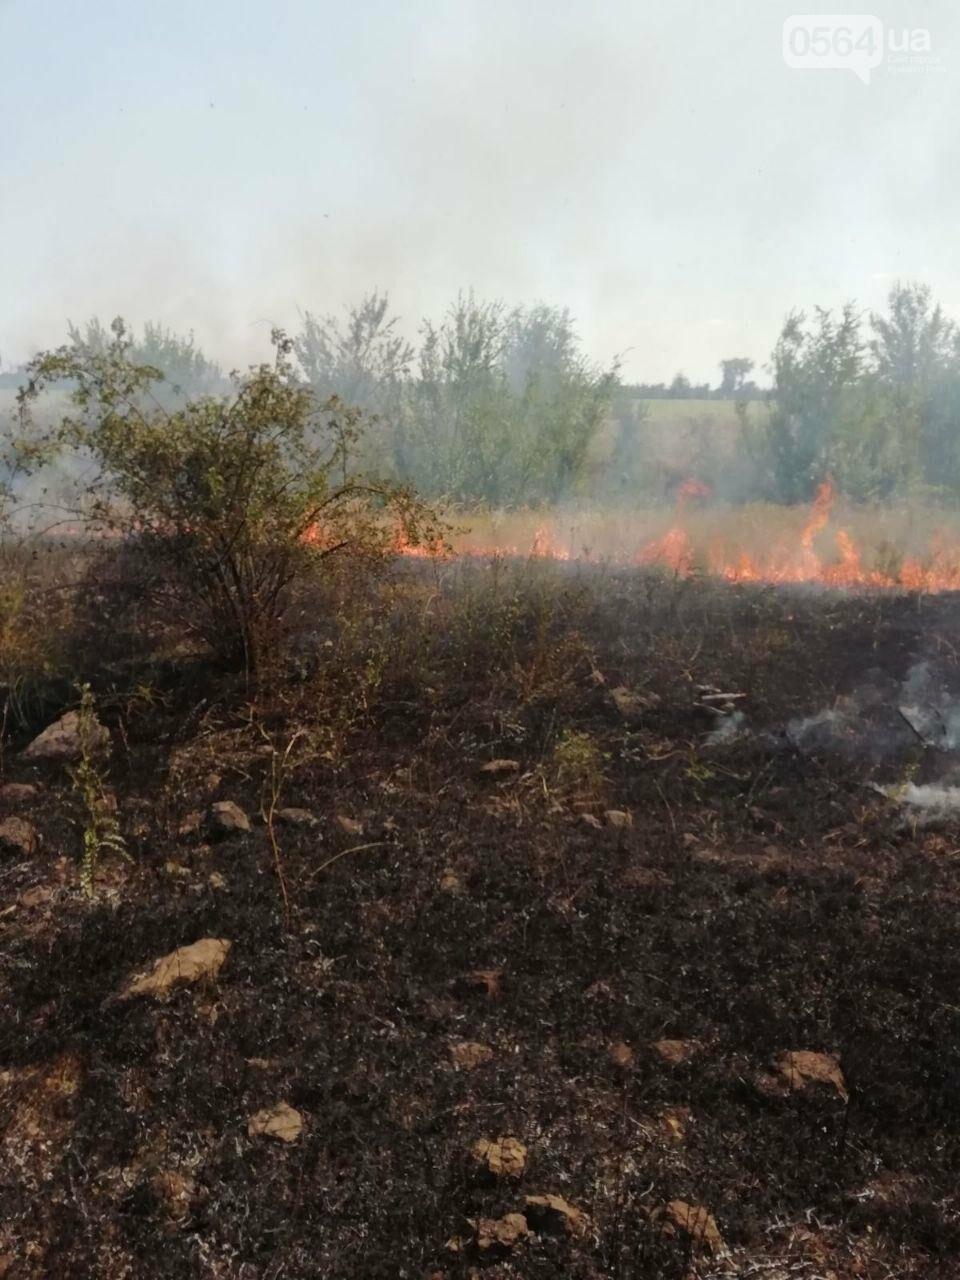 За прошедшие сутки в Кривом Роге произошло 5 пожаров в эко-системе, - ФОТО , фото-5